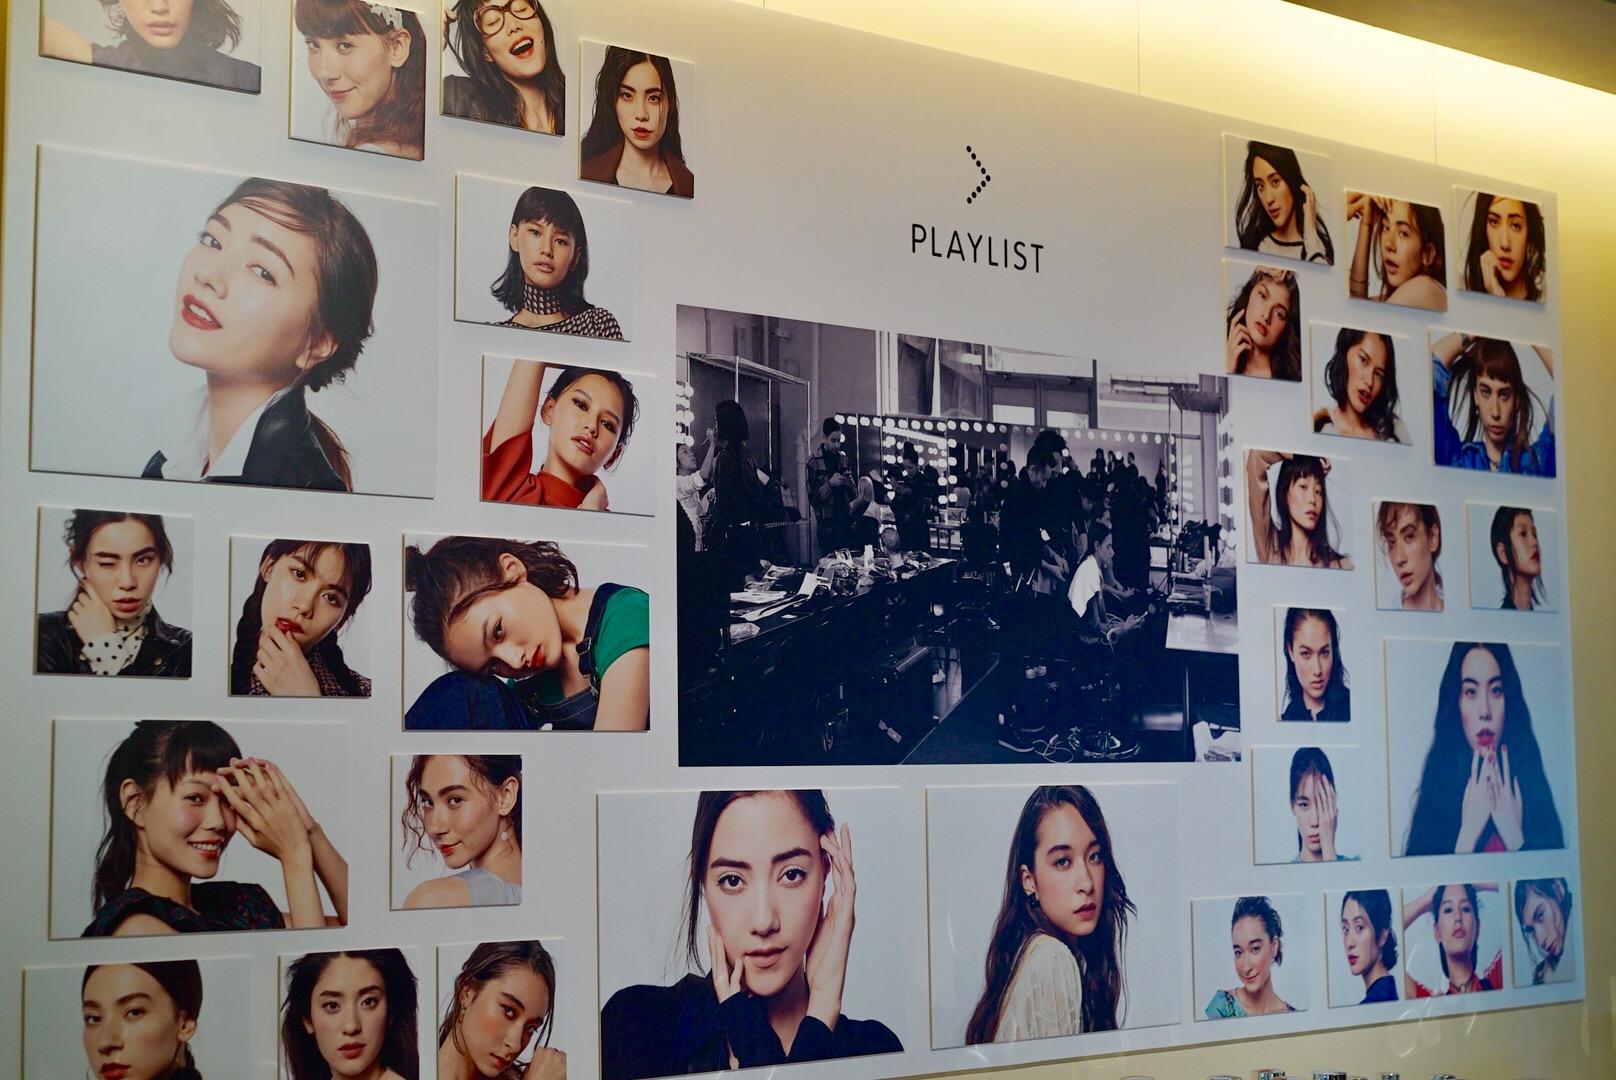 銀座 資生堂の新ブランド 「PLAYLIST」 PARTY